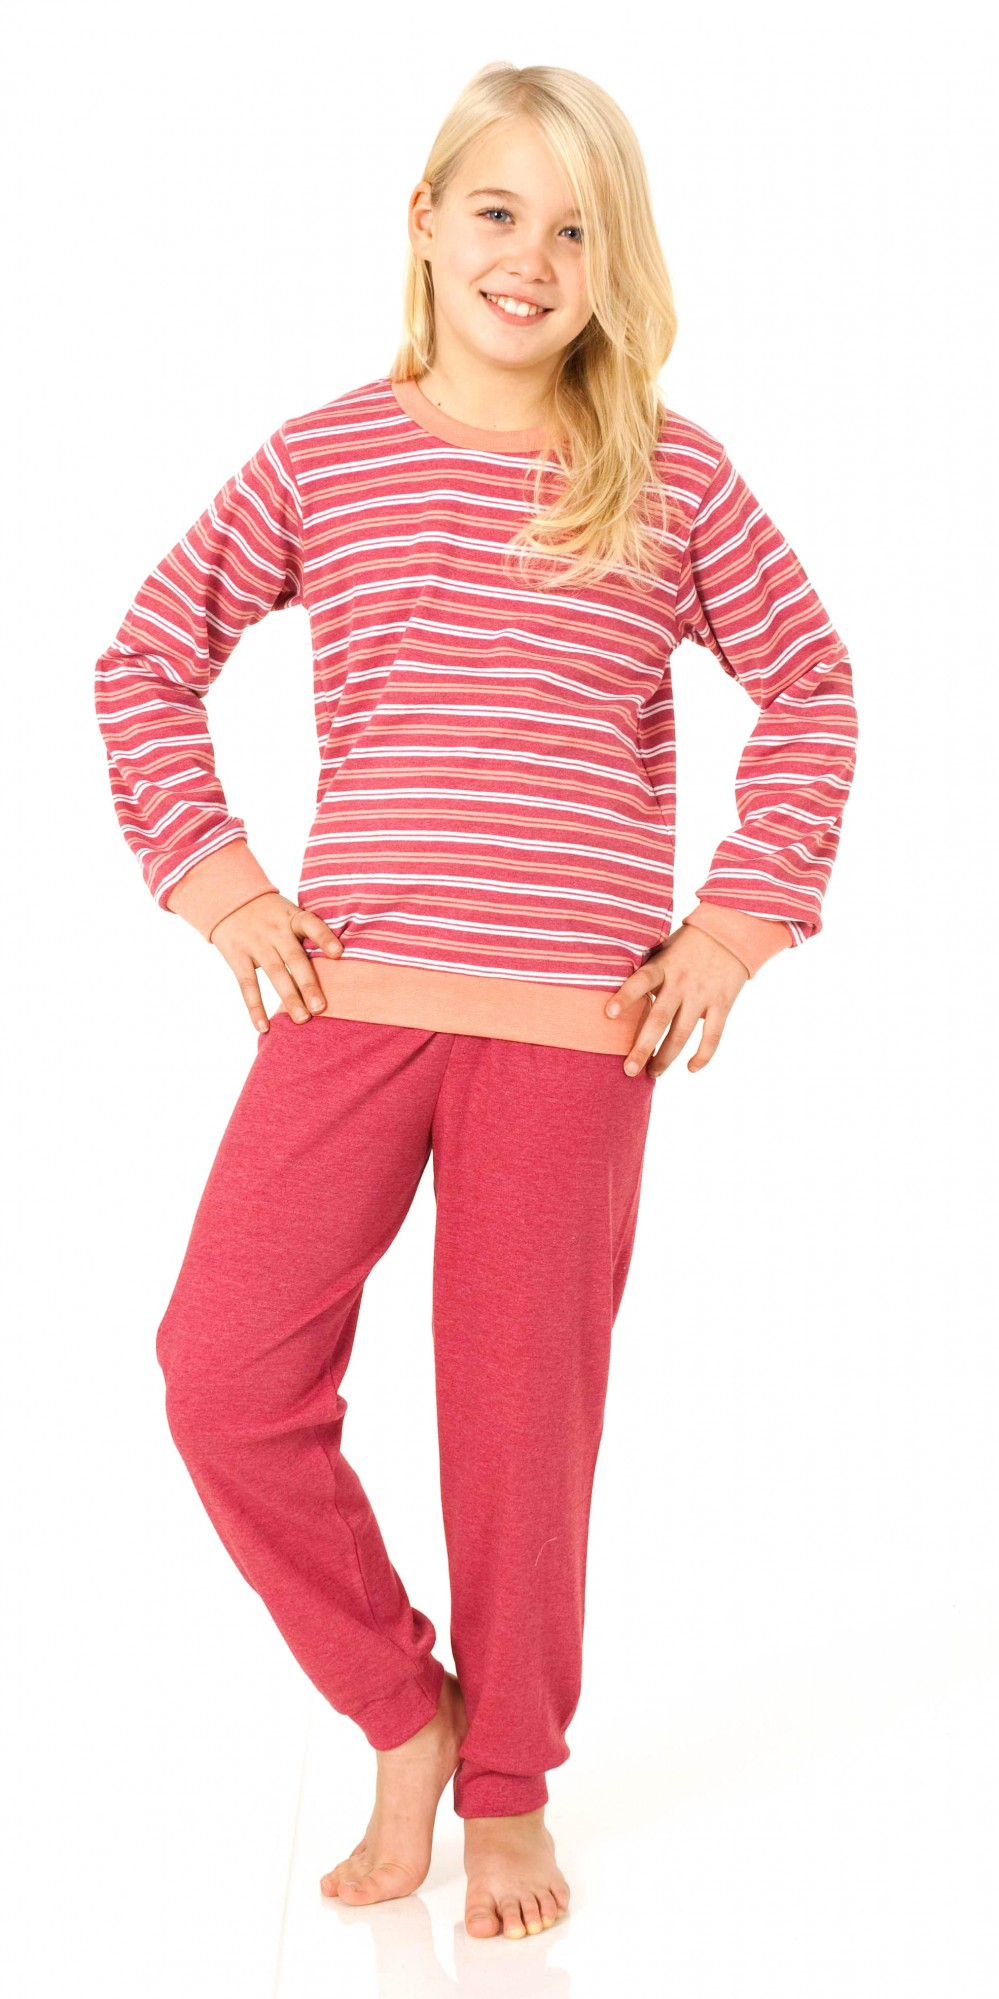 Mädchen Pyjama lang – Kuschel Interlock Schlafanzug mit Bündchen – 55358 001